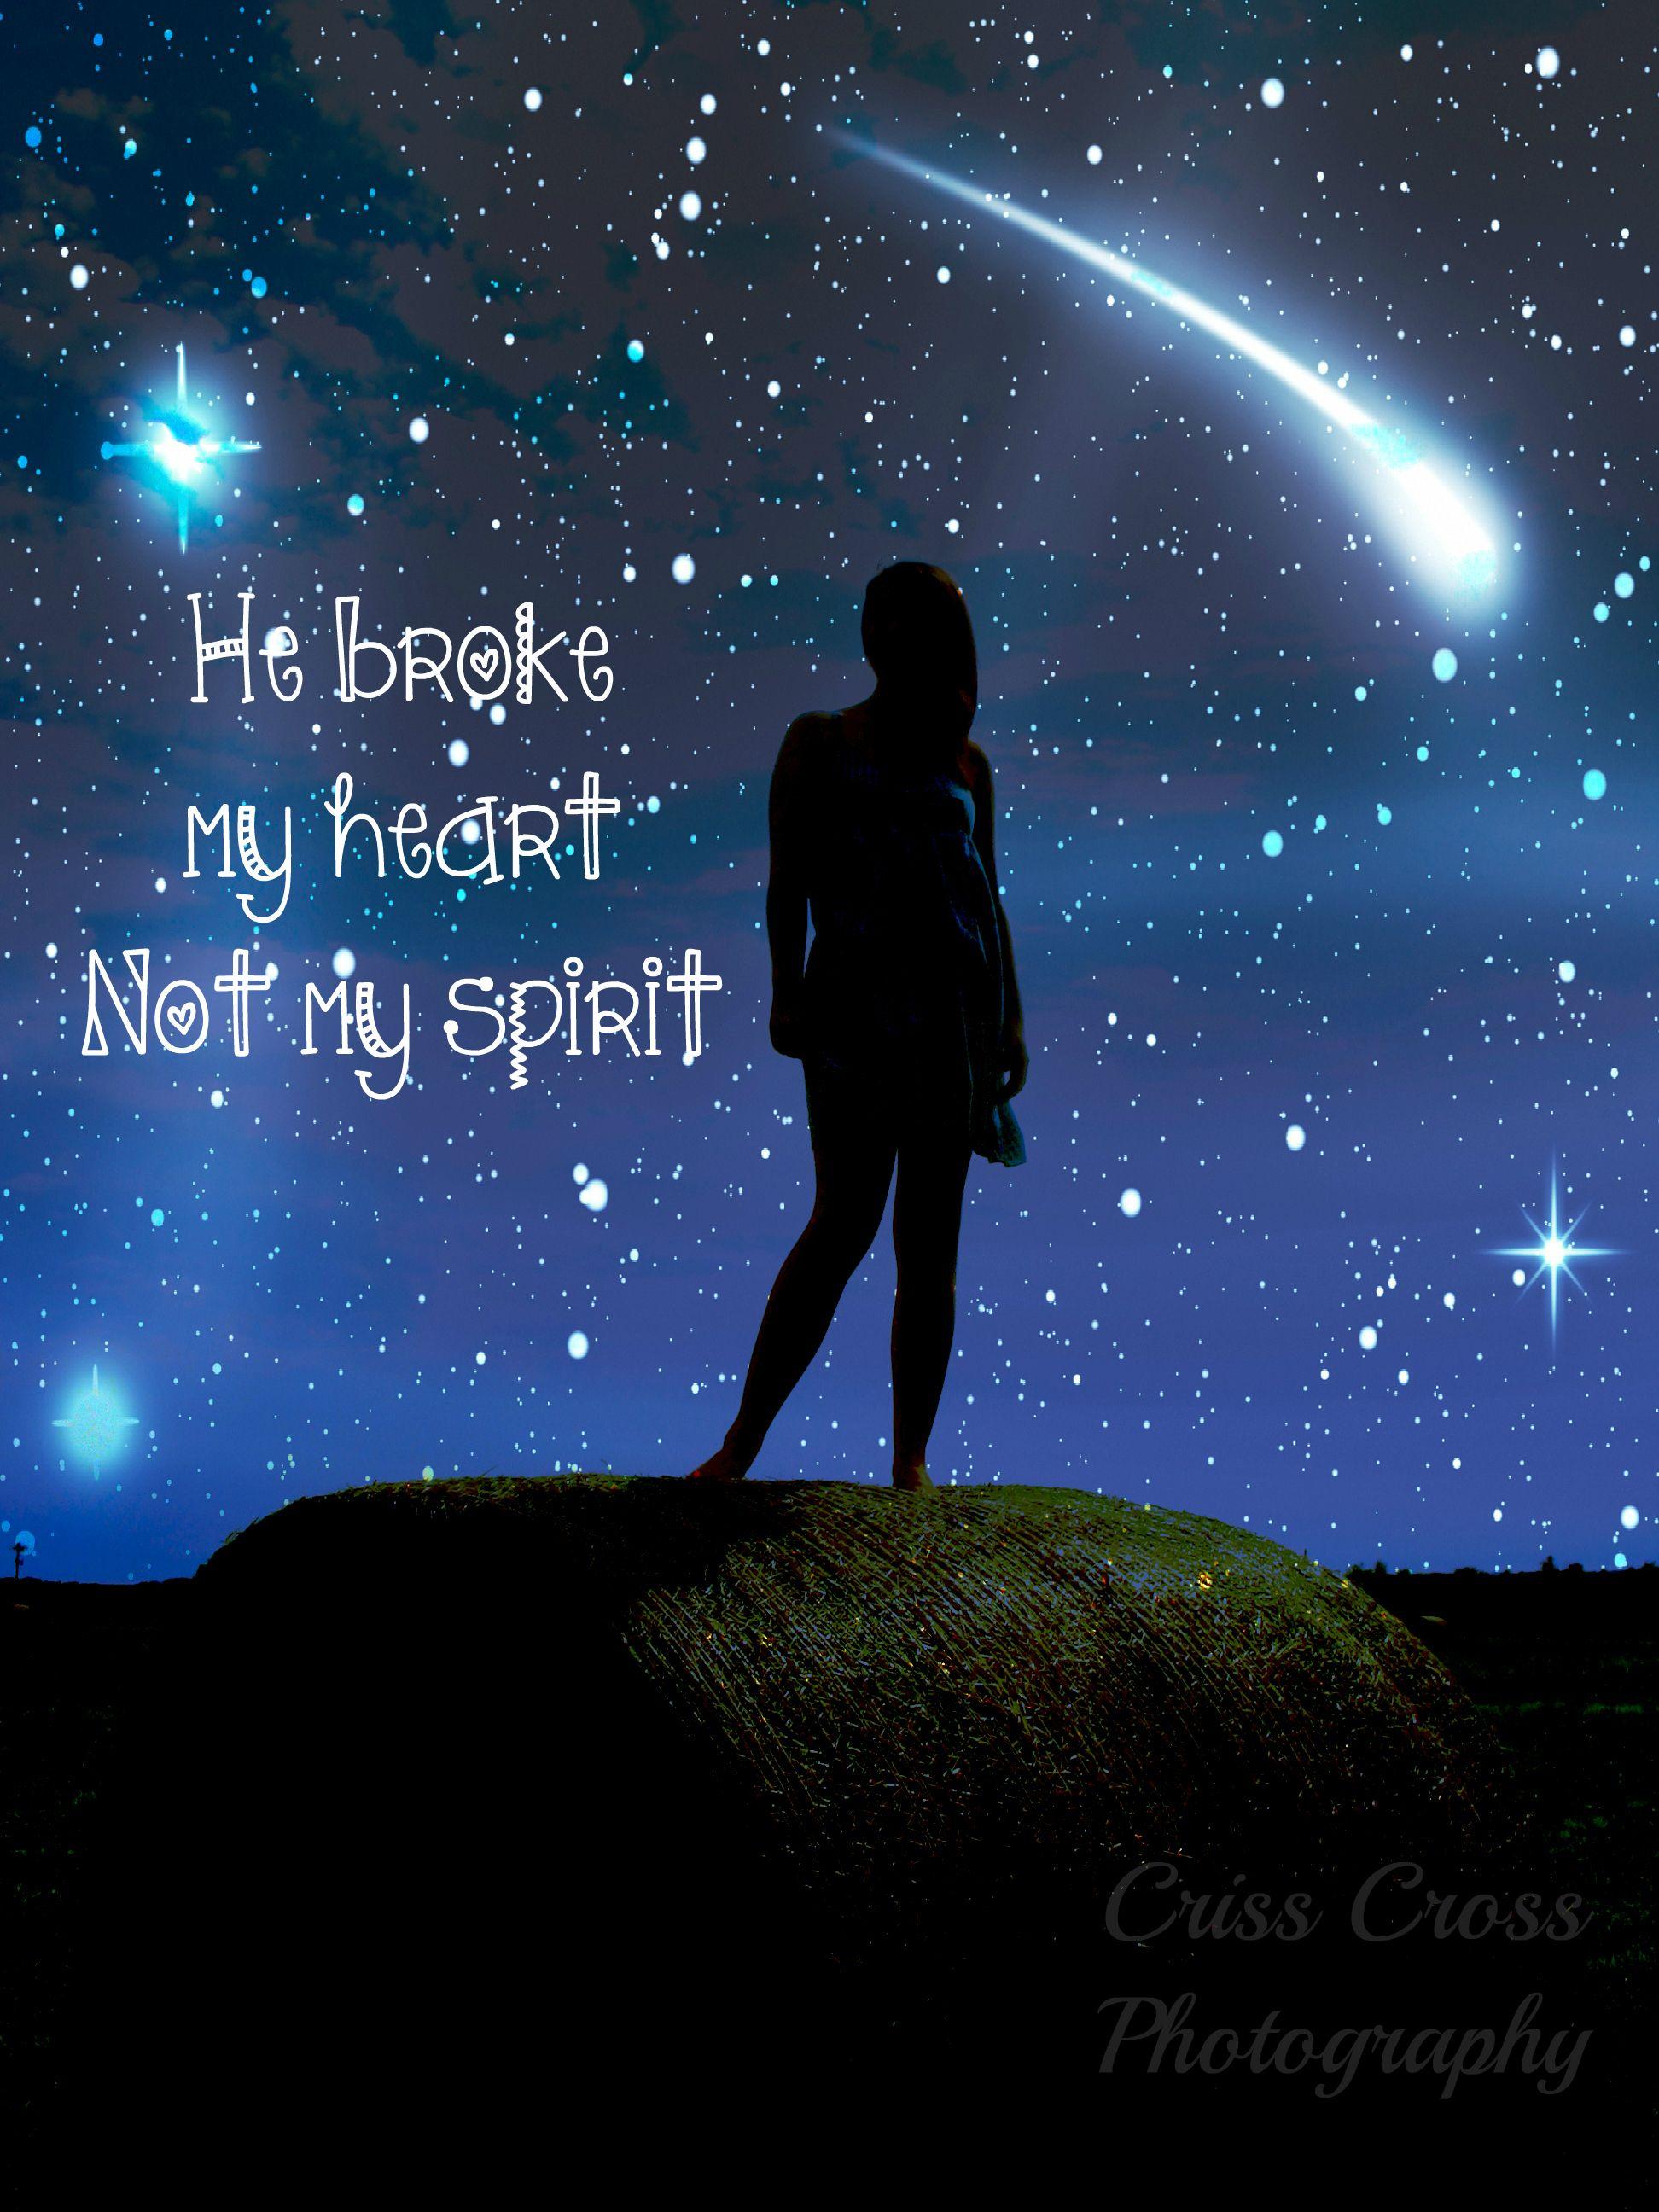 He broke my heart, not my spirit My heart is breaking